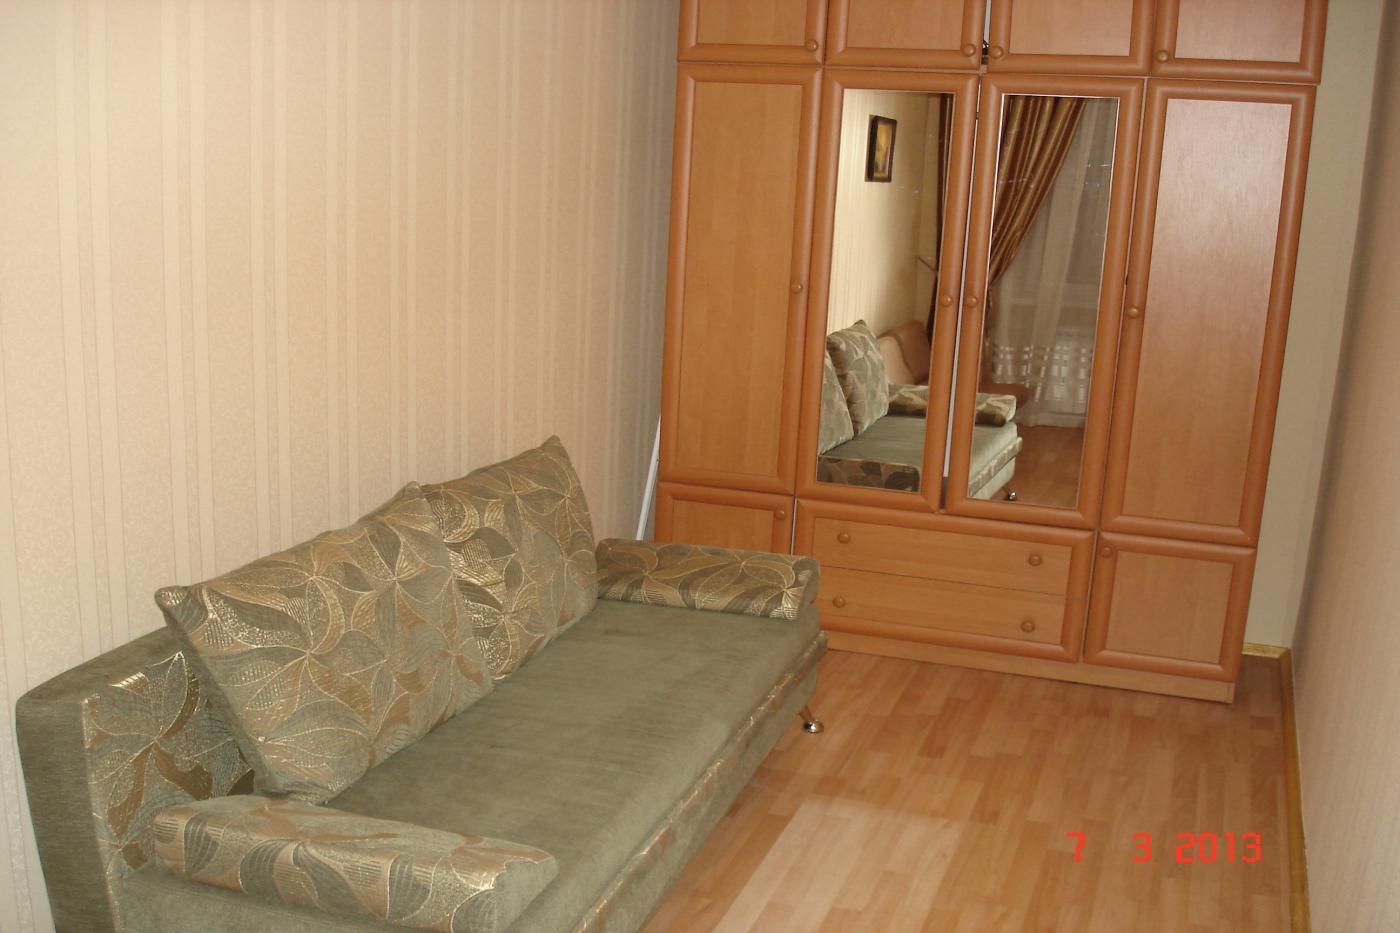 2-комнатная квартира посуточно (вариант № 1714), ул. Гоголя улица, фото № 5